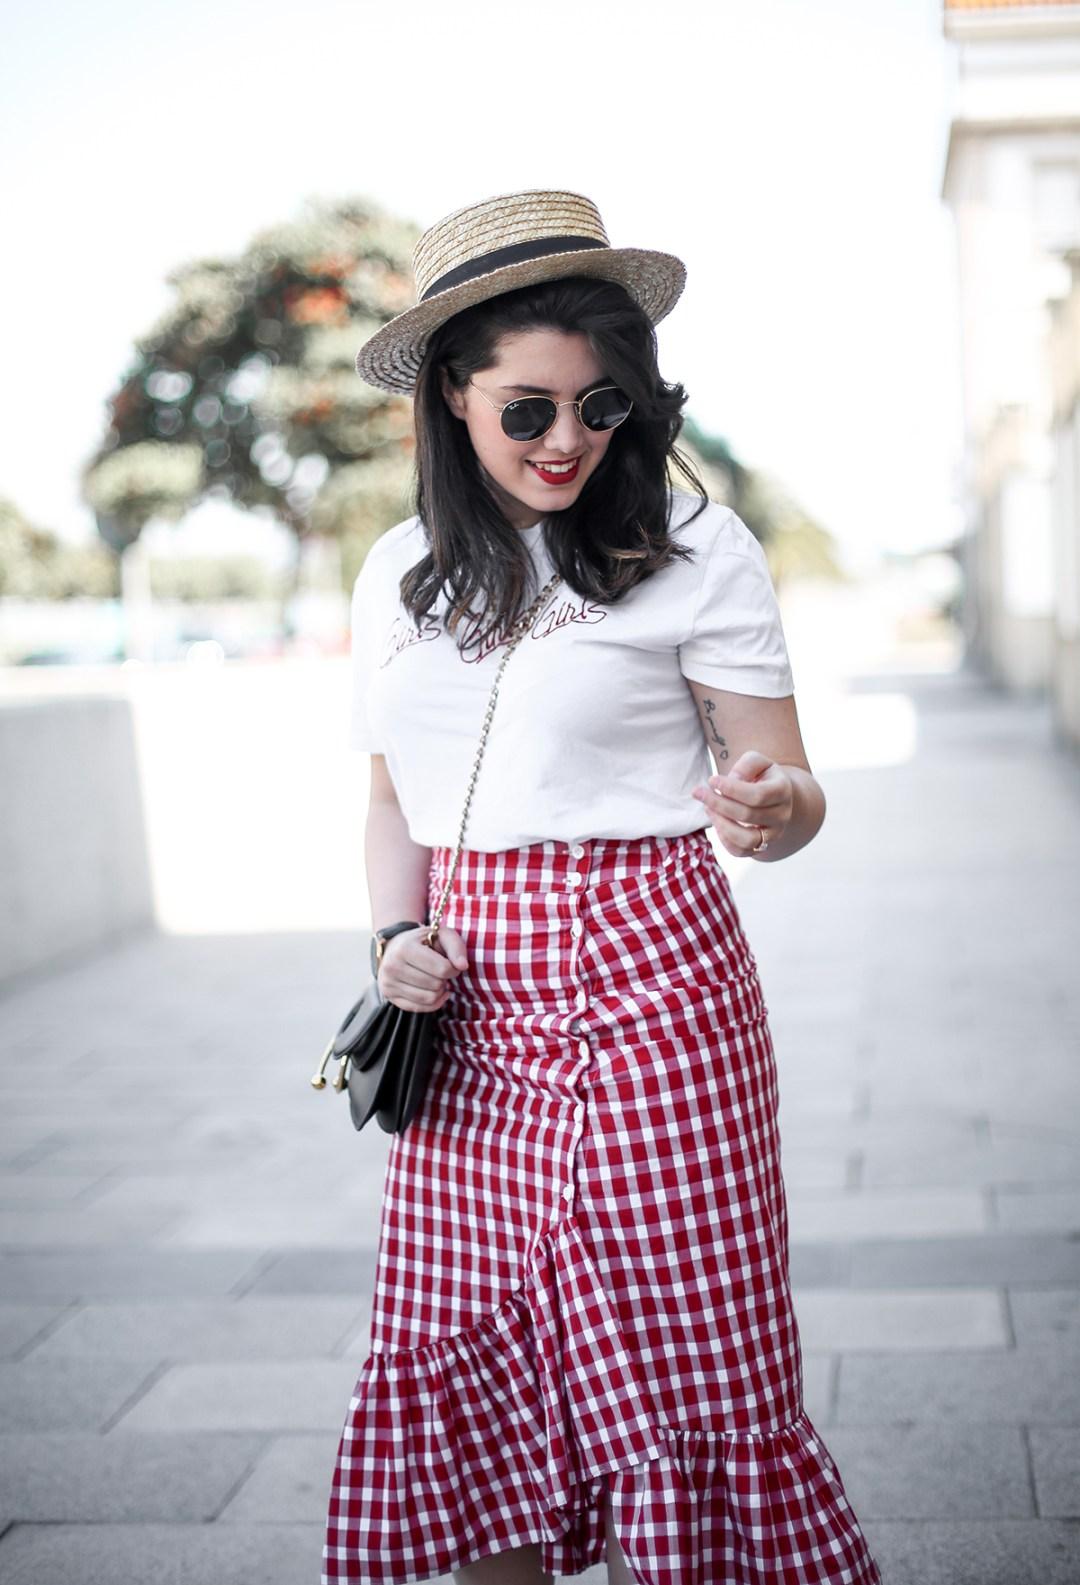 falda-cuadros-vichy-asimetrica-zara-look-jwanderson-farfetch-canotier-myblueberrynightsblog6